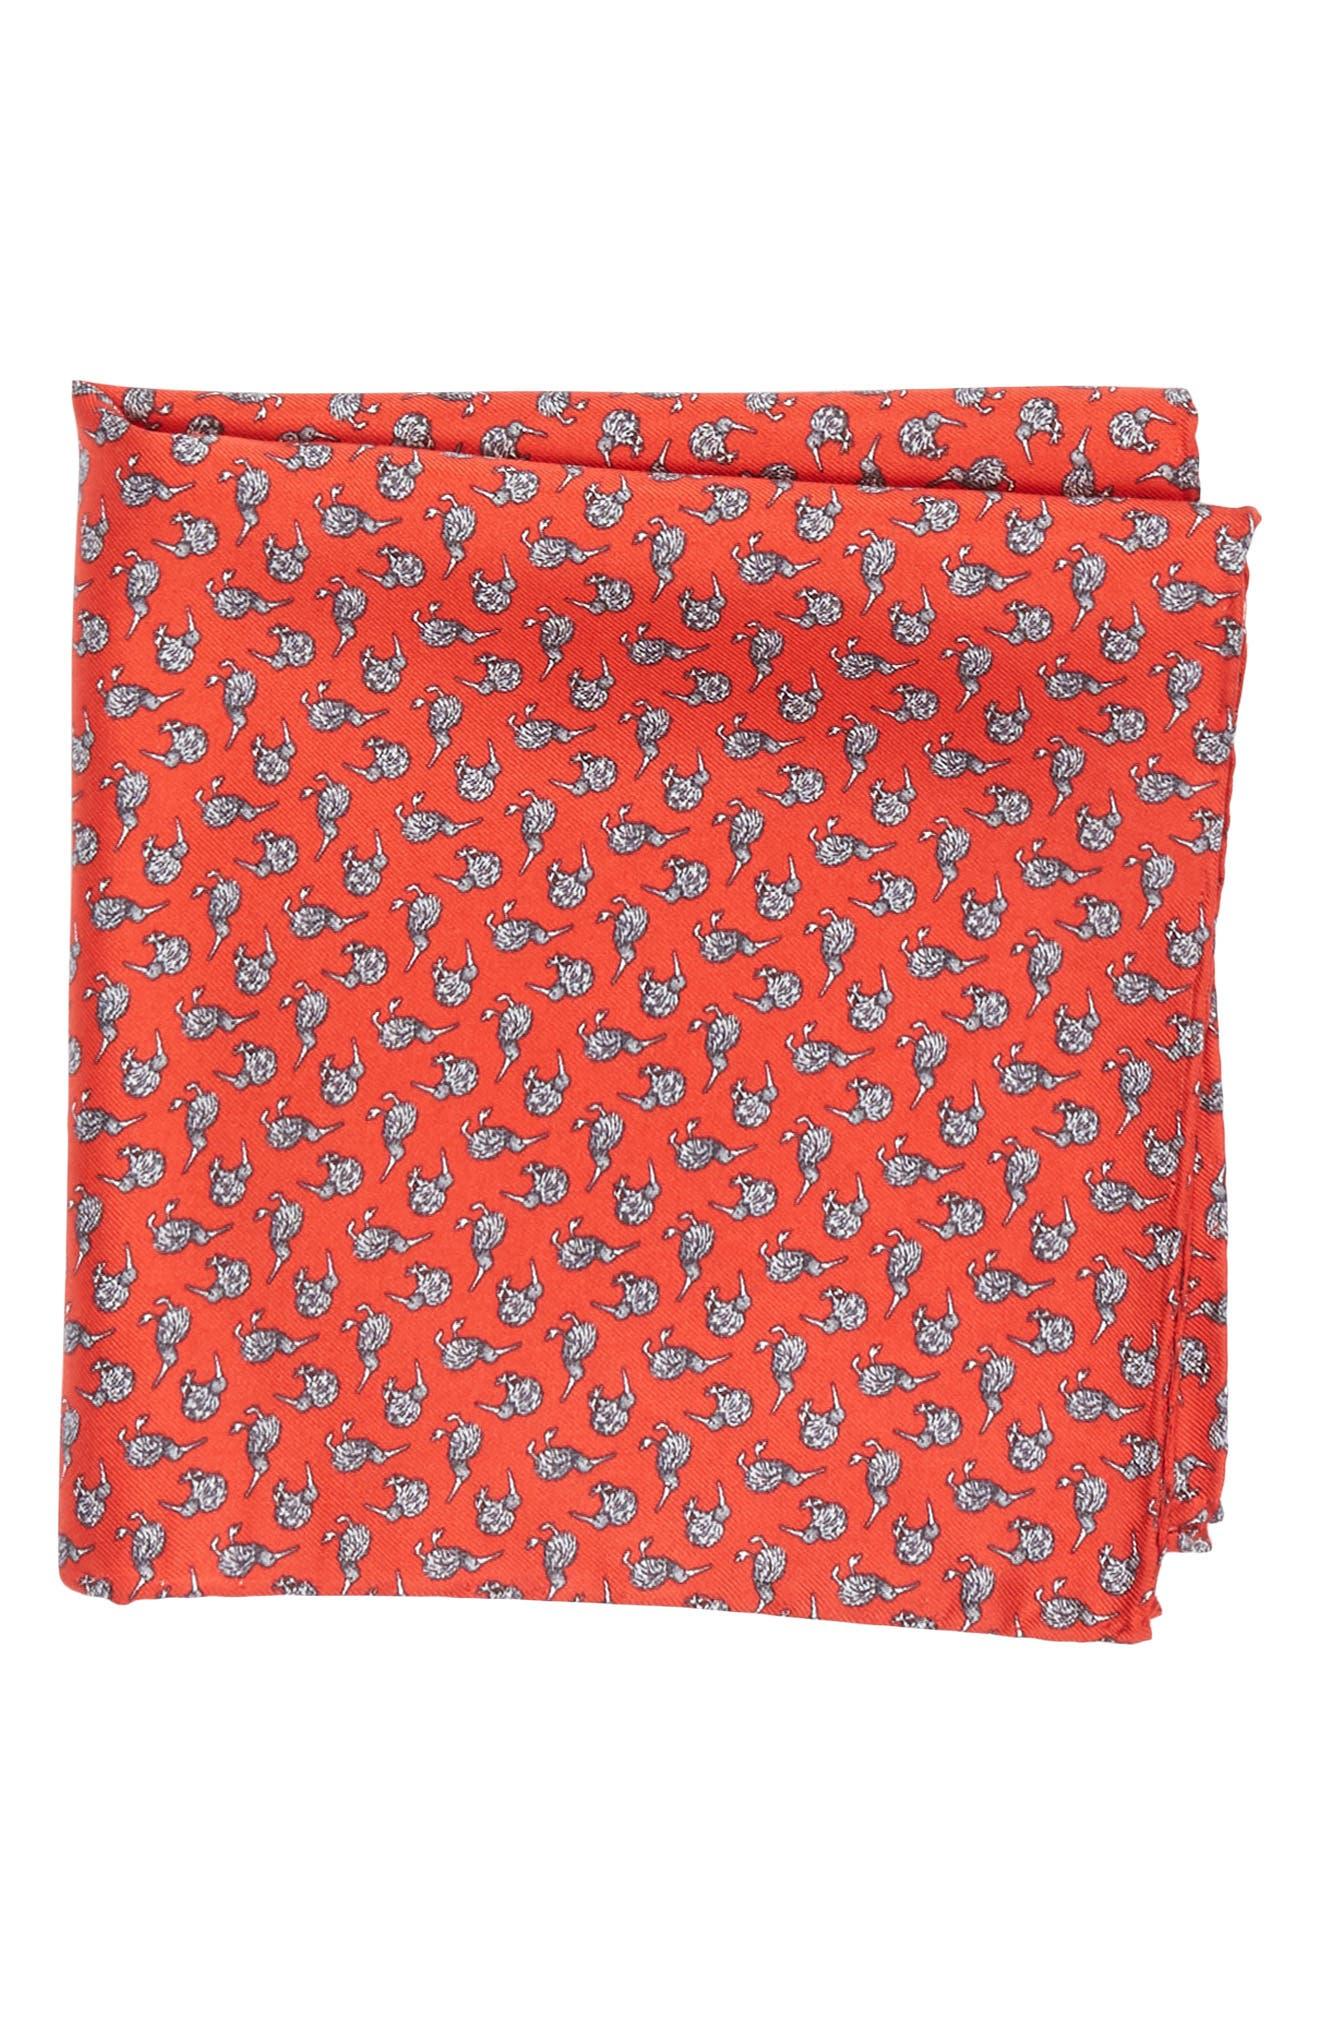 Cheeky Kiwi Silk Pocket Square,                             Main thumbnail 1, color,                             620